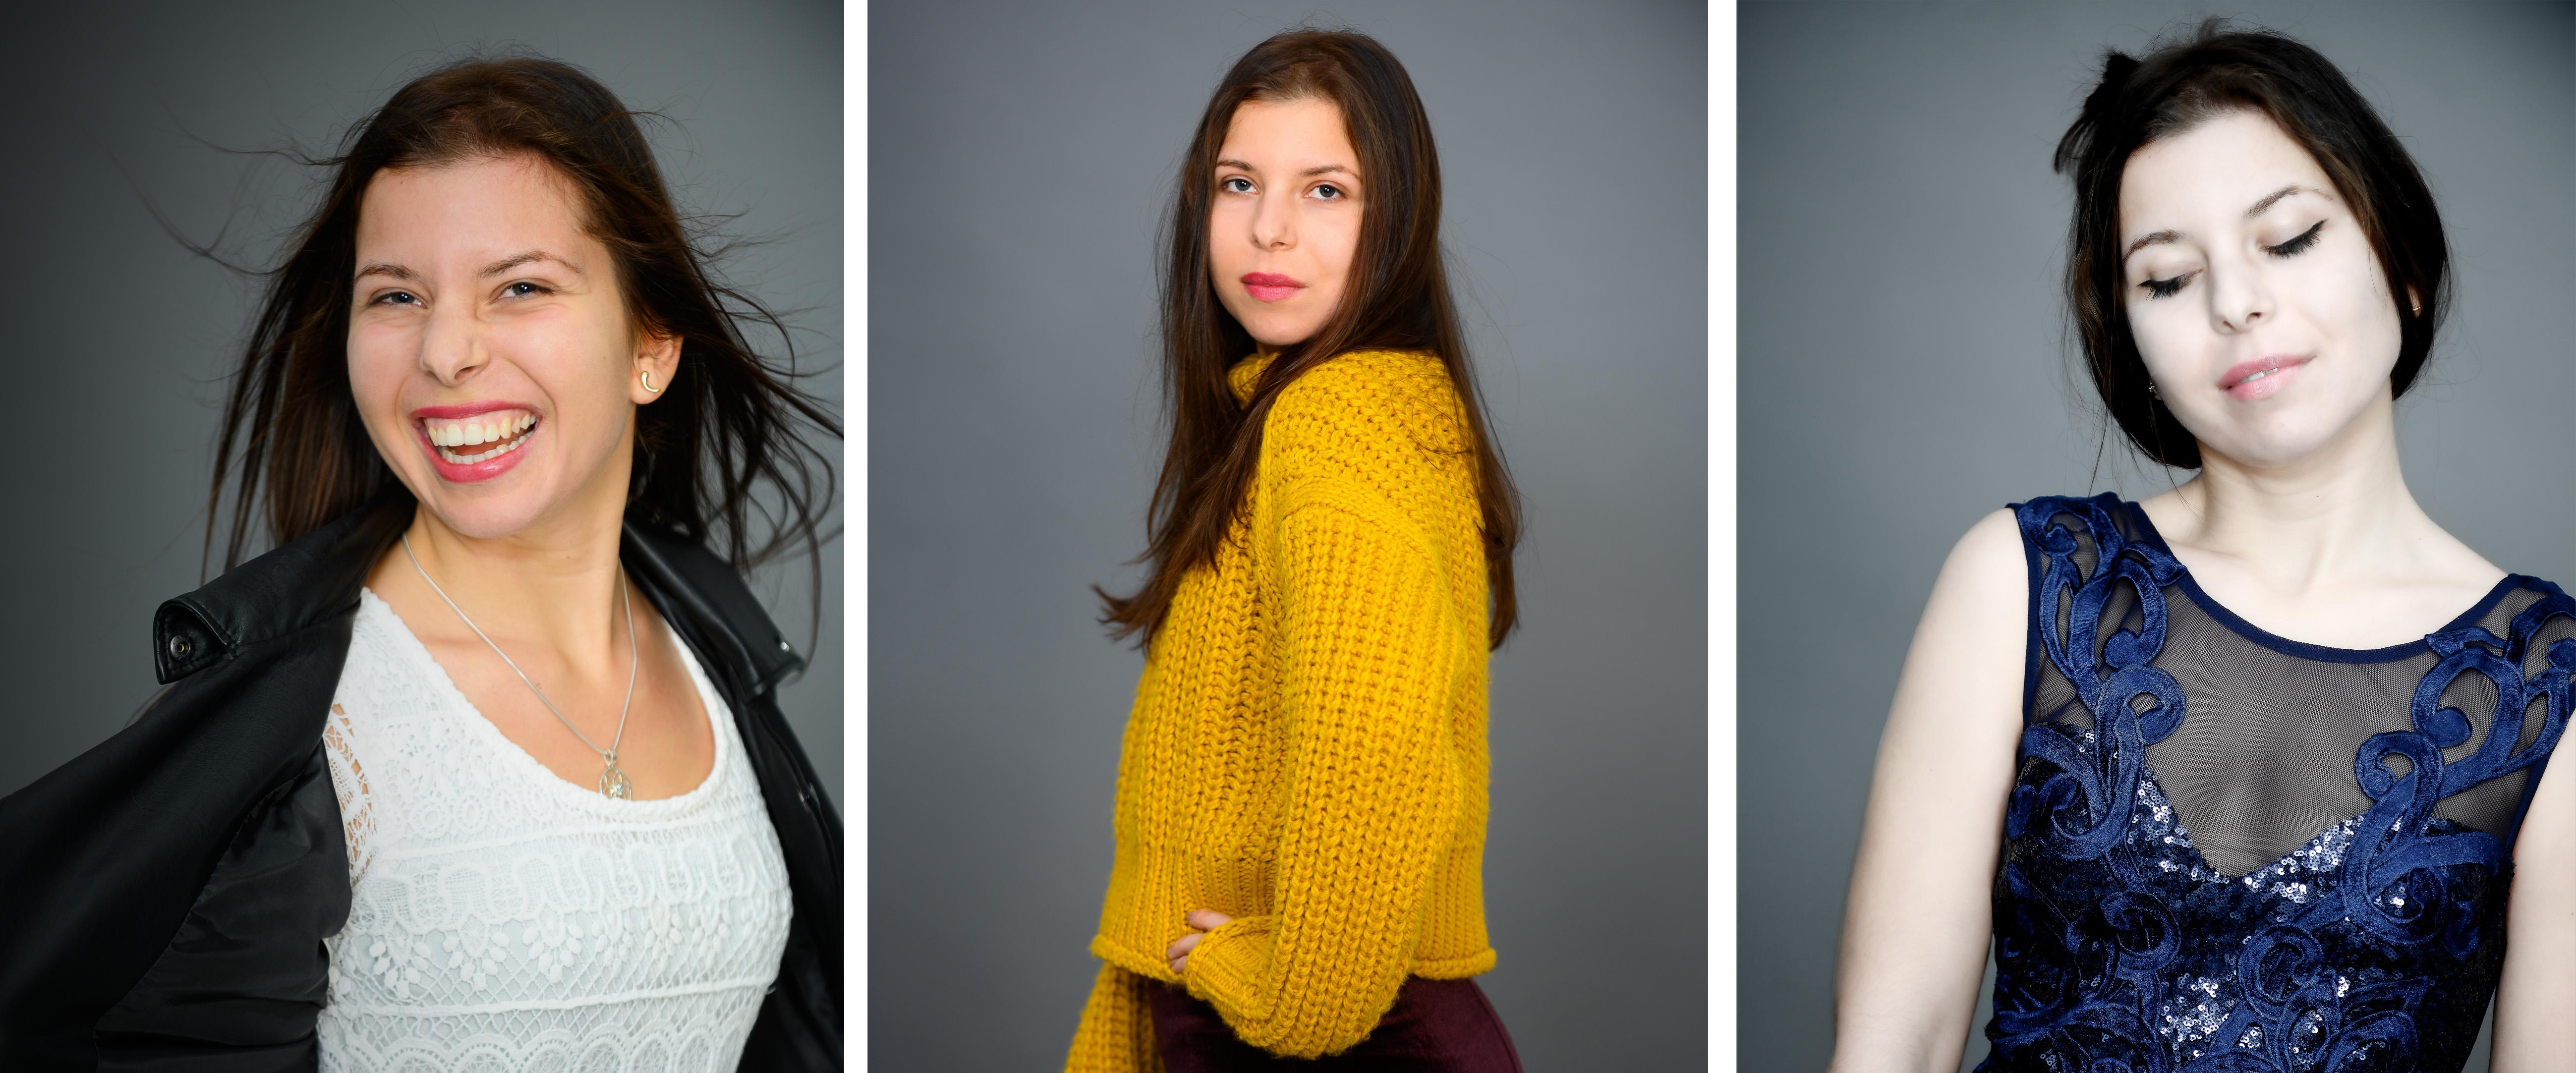 5 Beauty Porträt Studio trinkhaus fotografie